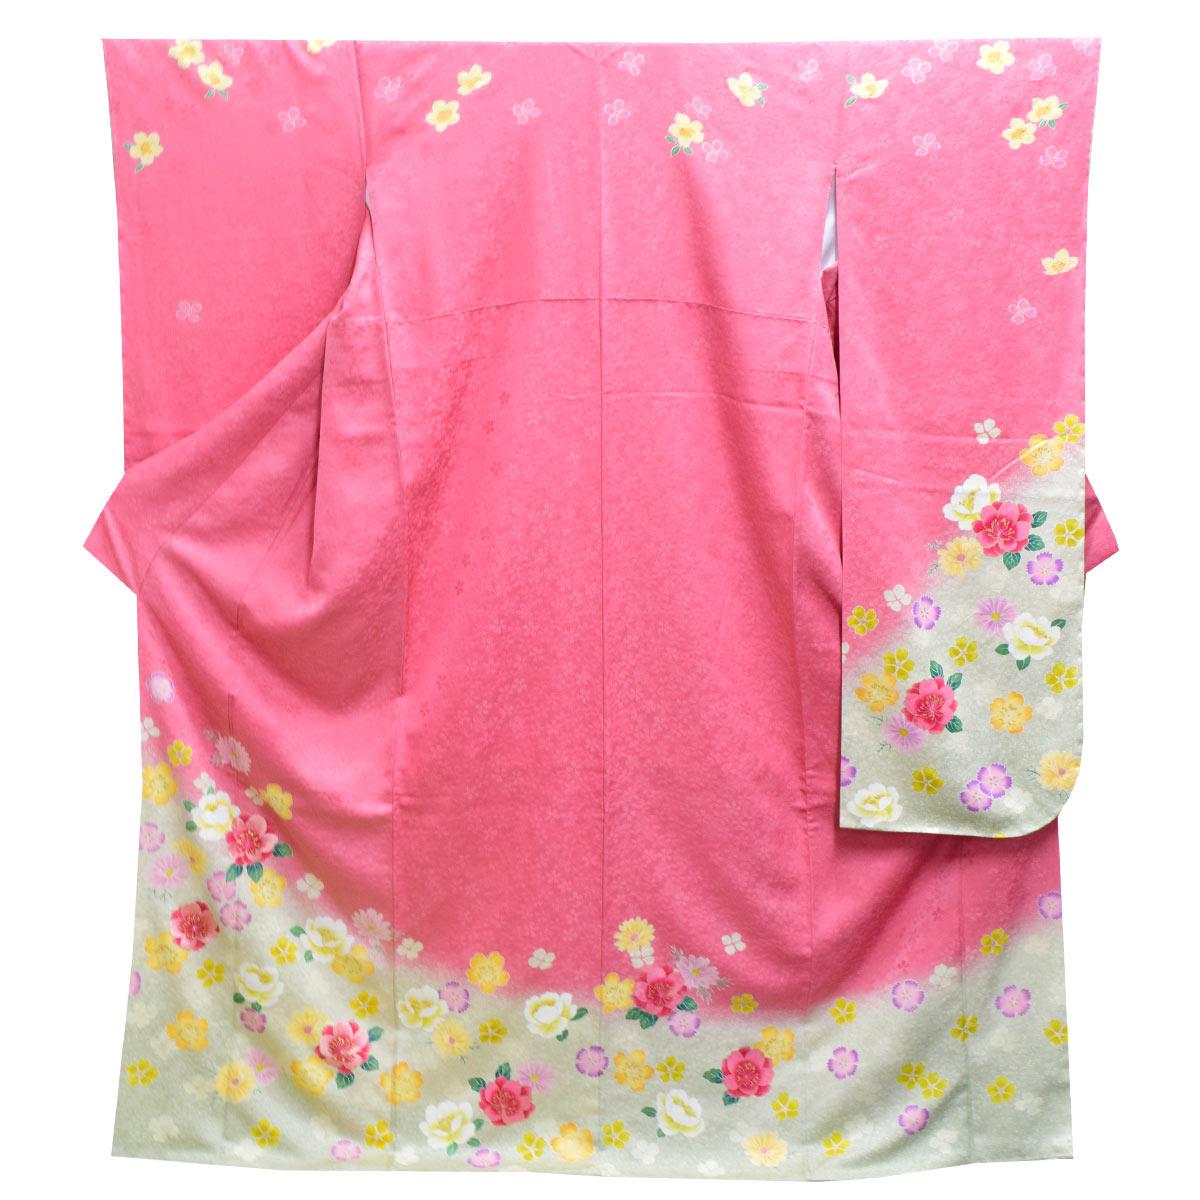 《30%オフクーポン利用可》お買い物マラソン高級 仕立て上がり 振袖 単品成人式 結婚式 パーティー 礼装 ピンク クリーム色 桜 花柄番号d401-5